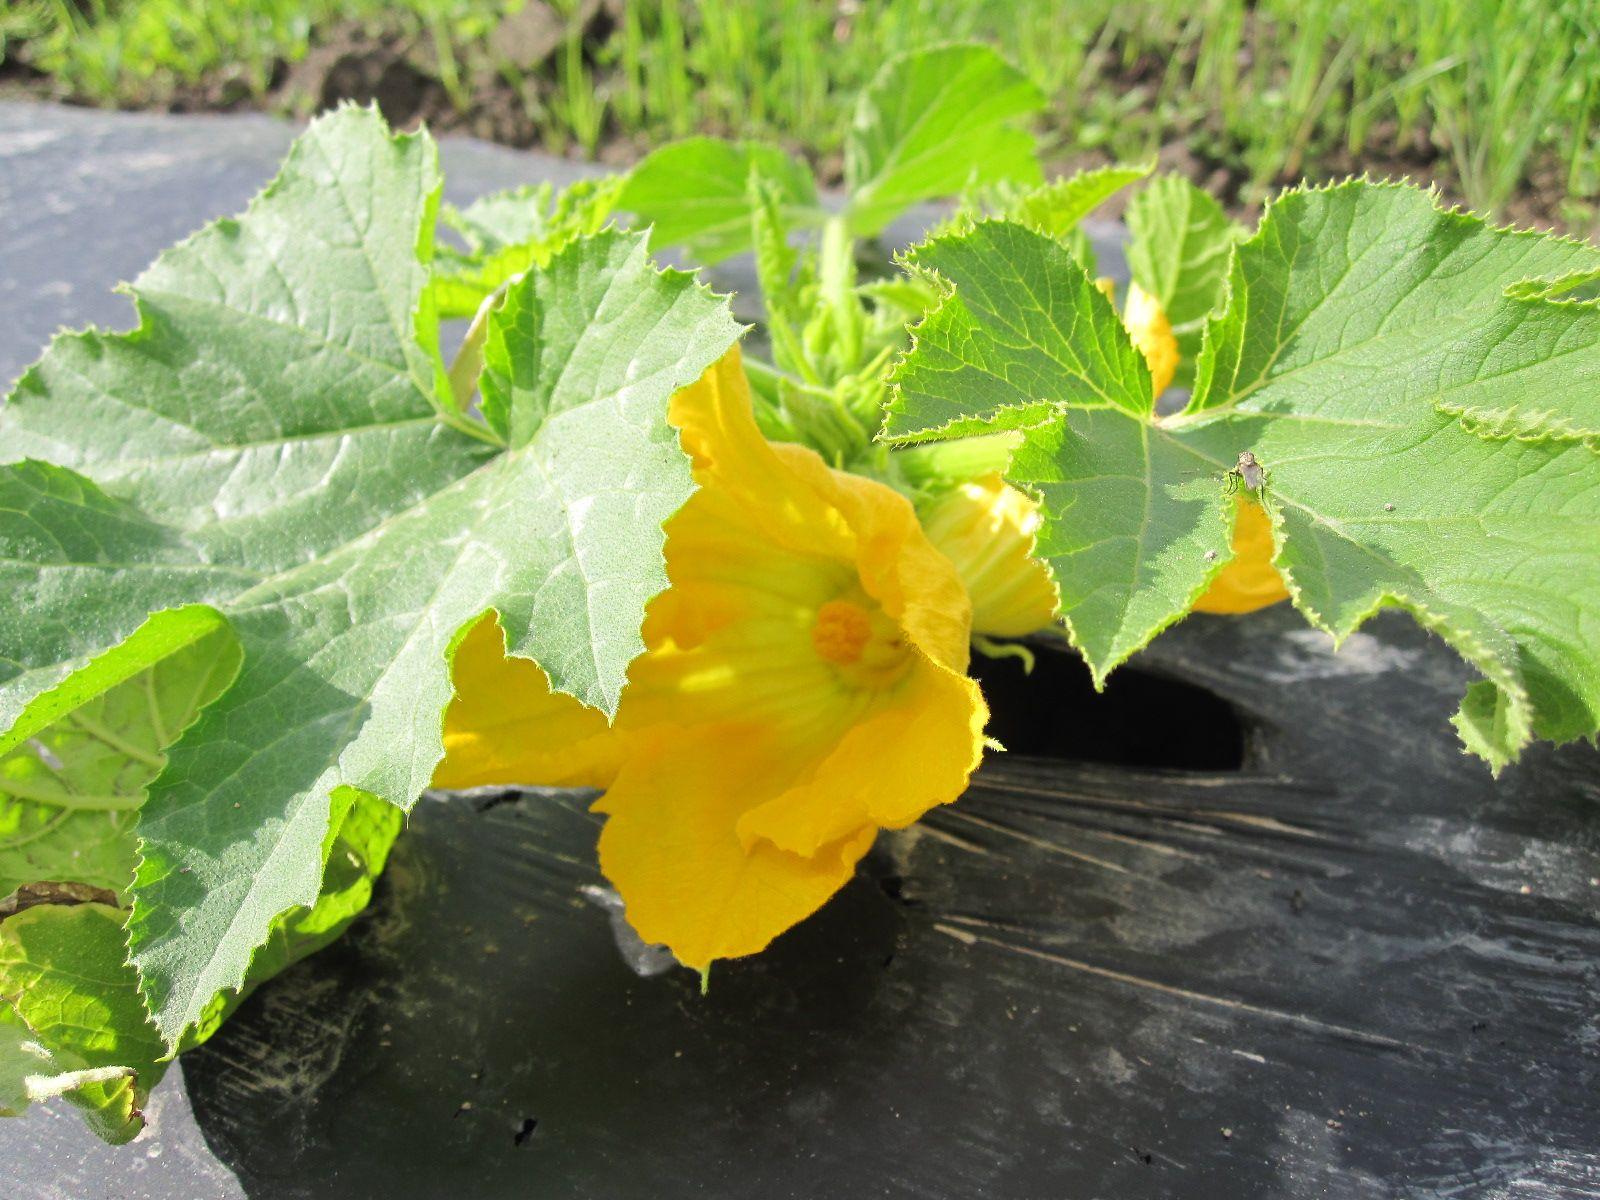 Kesäkurpitsakin on alkanut kukkimaan kaiken lomassa, sekin valmistautuu 28.7. jälleen alkavaan sadonjakoon.